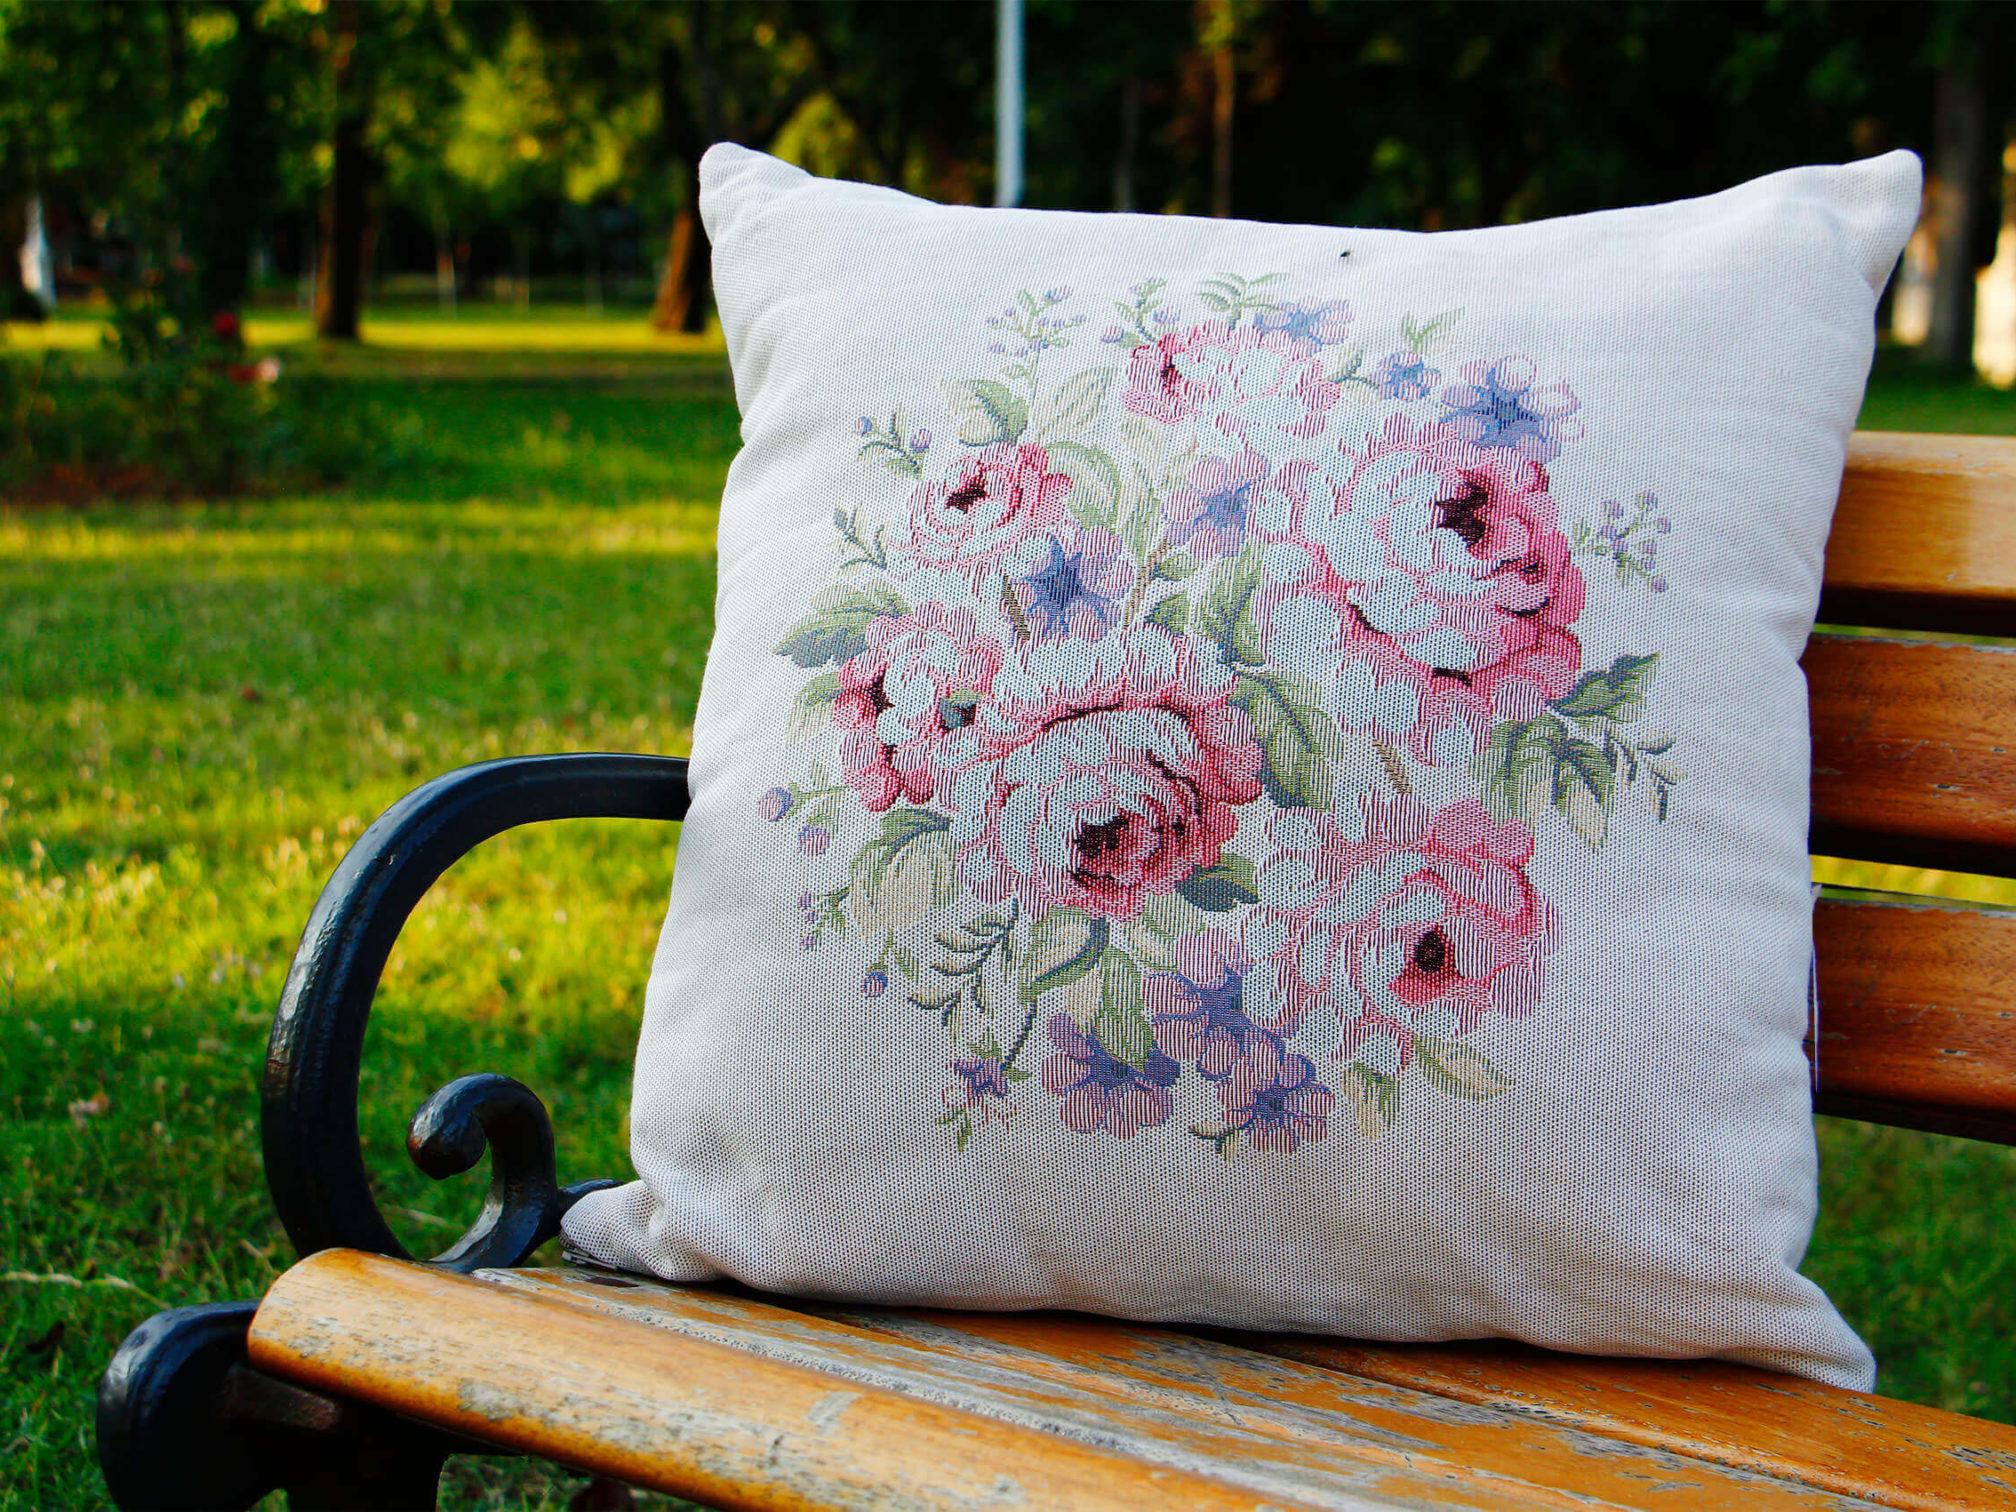 bestegül-prizma-goblen-çiçek-çiçekli-desenli-kırlent-yastık-kılıfı-modelleri-fiyatları-desenleri